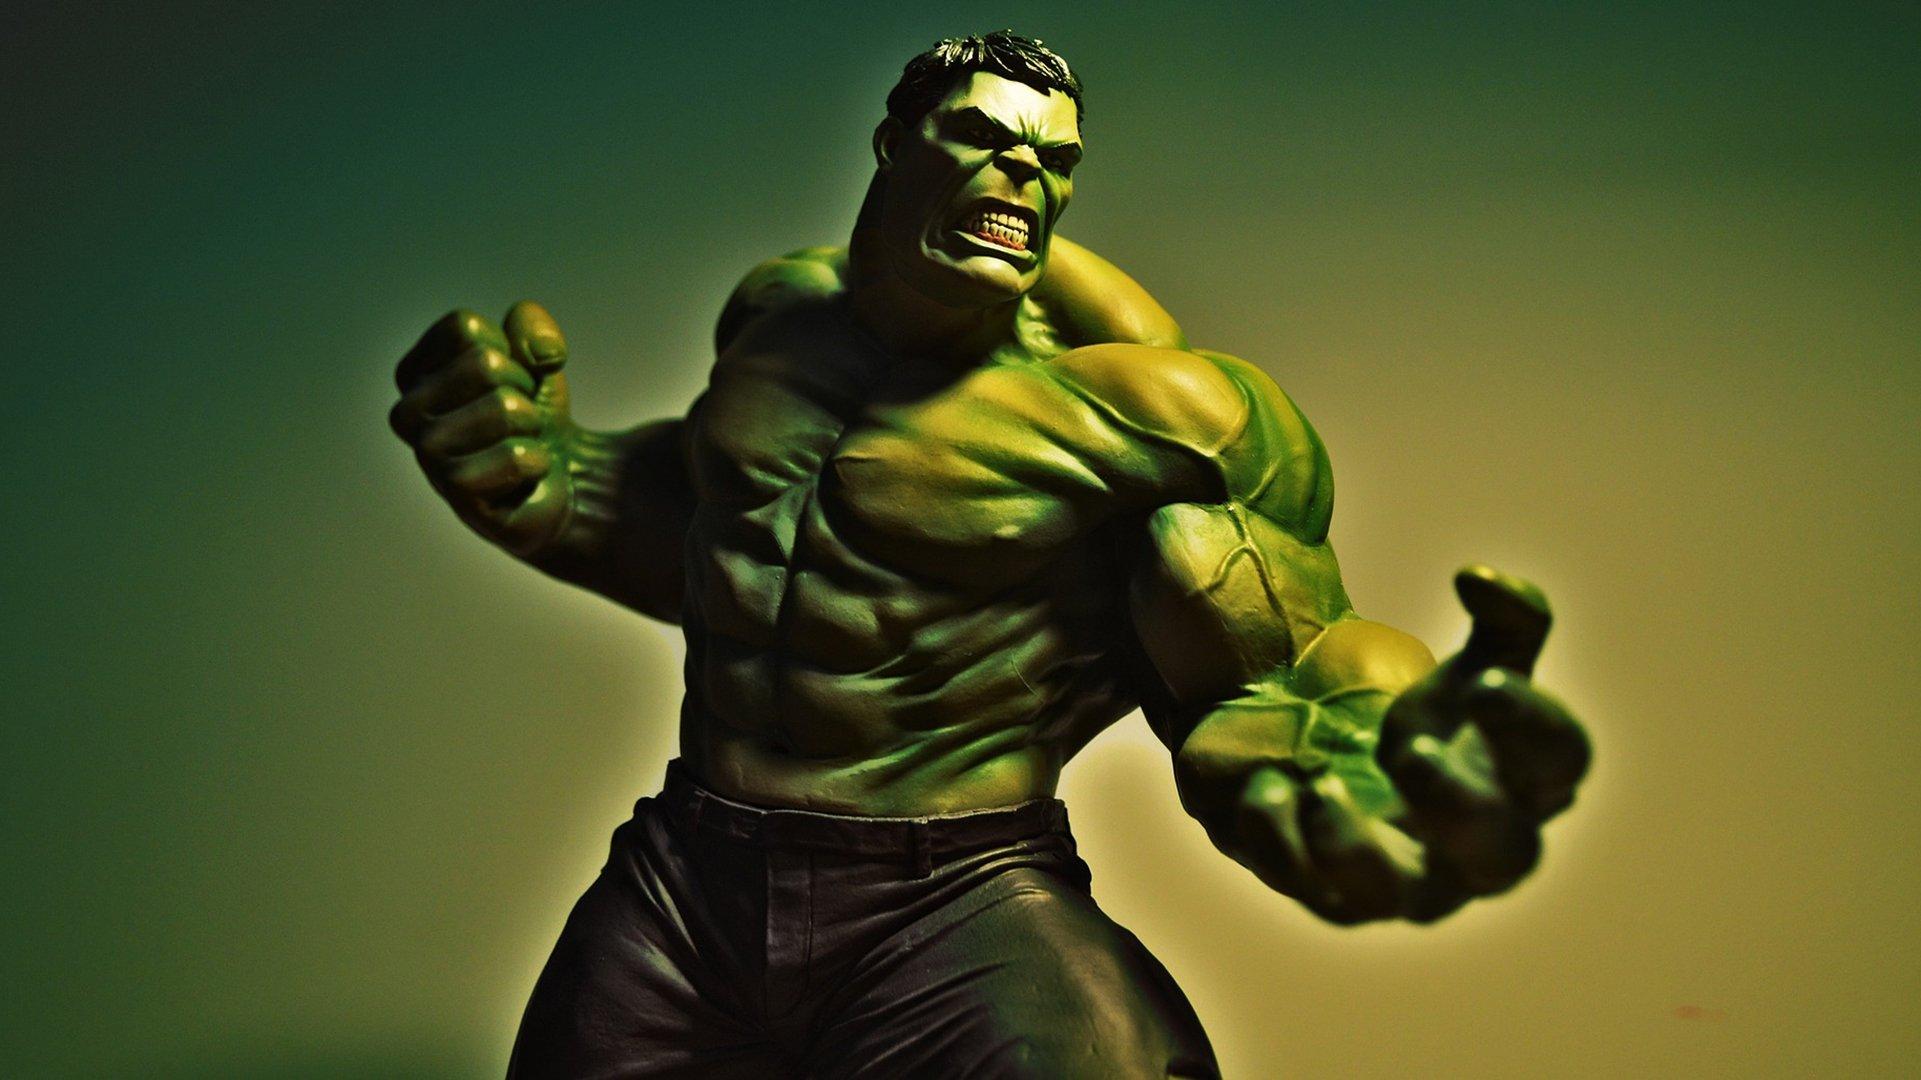 綠巨人浩克:了解自我,永遠不嫌晚